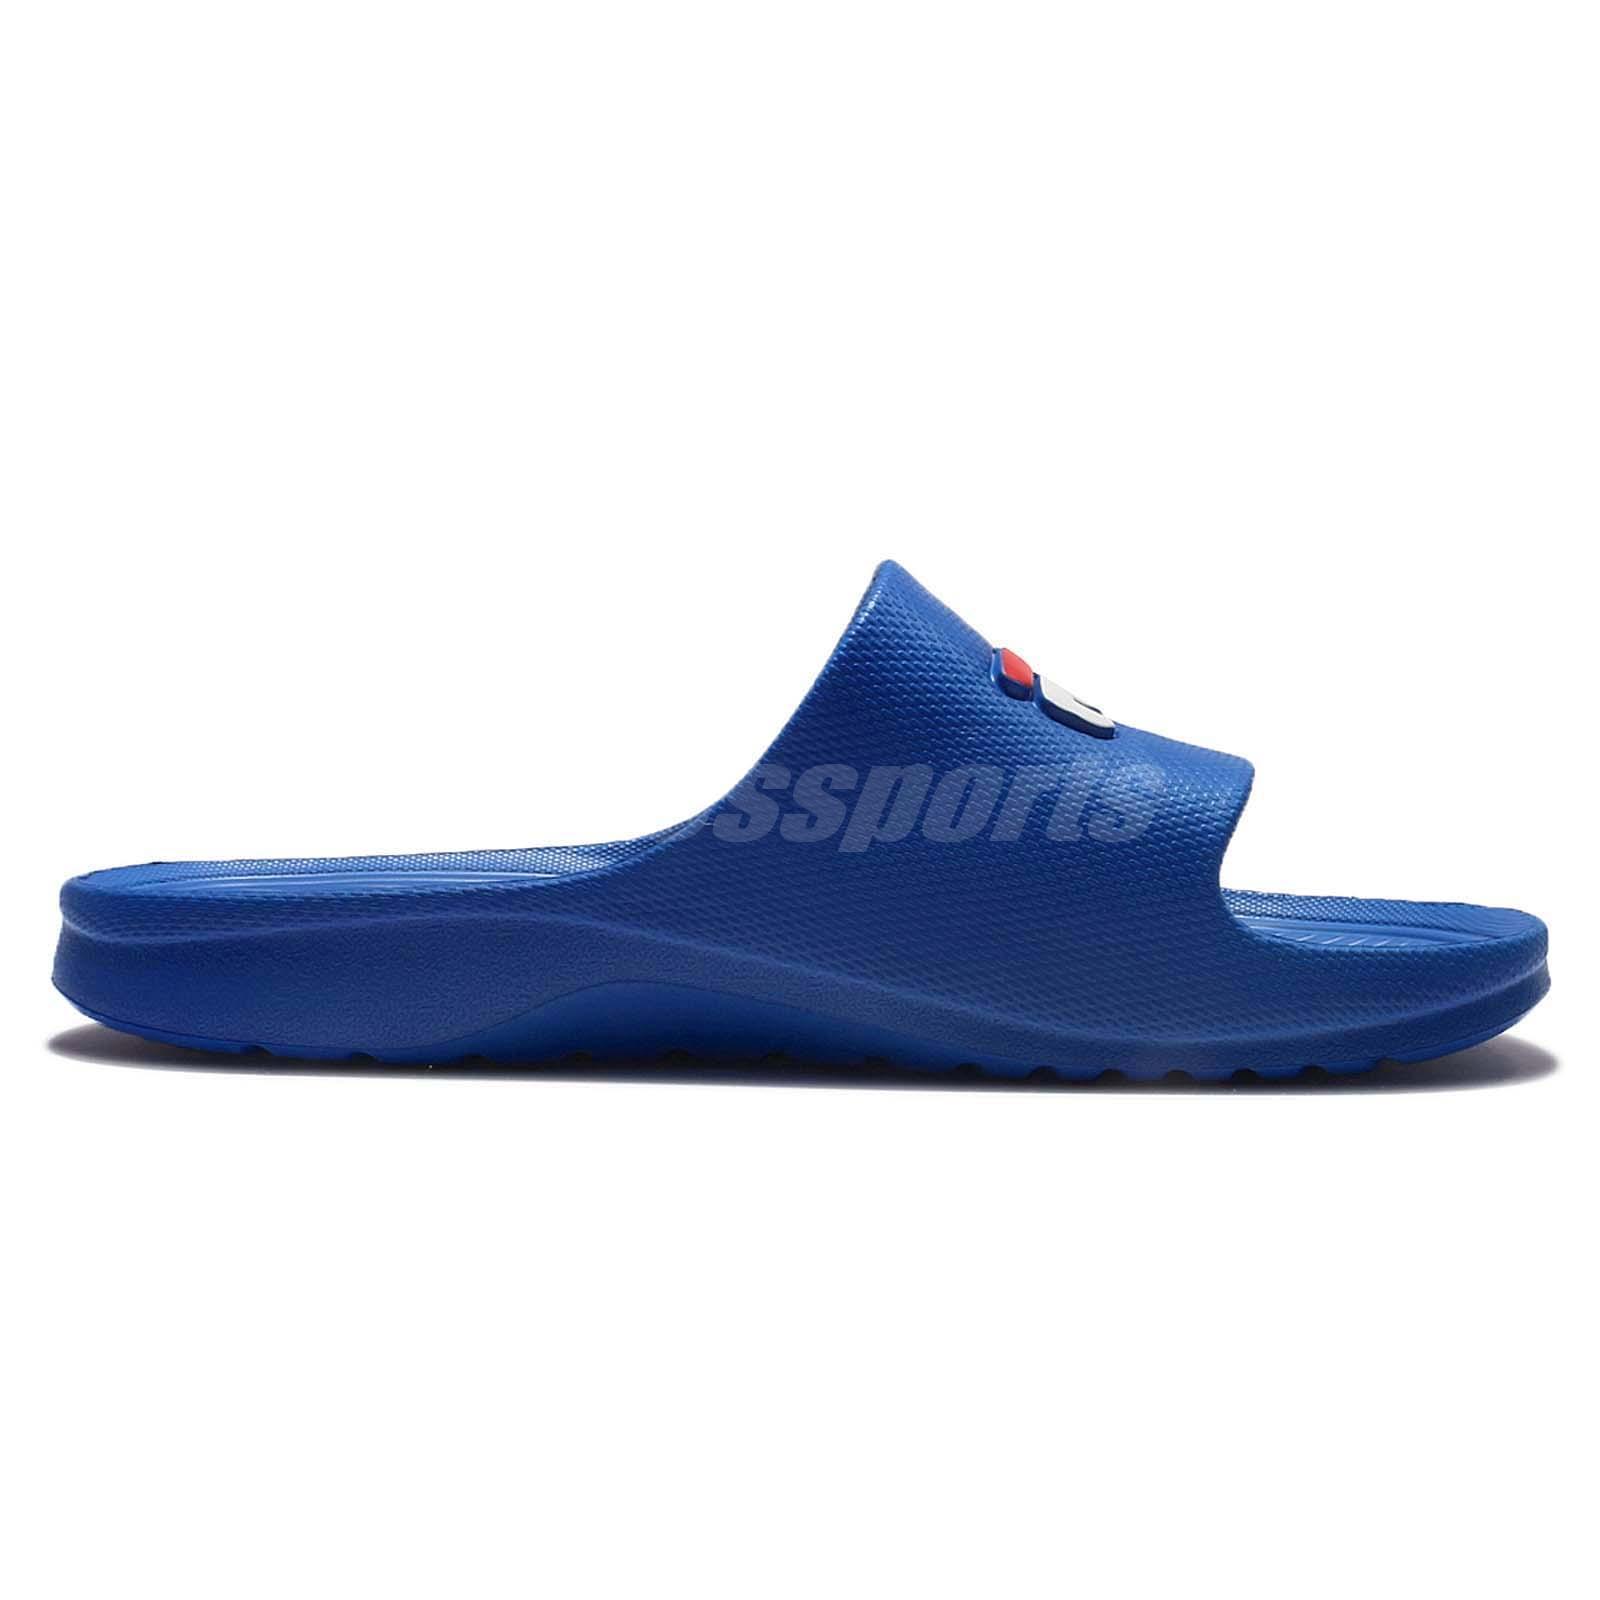 b1c0c8018719 Fila S355Q Solid Blue White Mens Sports LOGO Sandals Slides Slippers ...